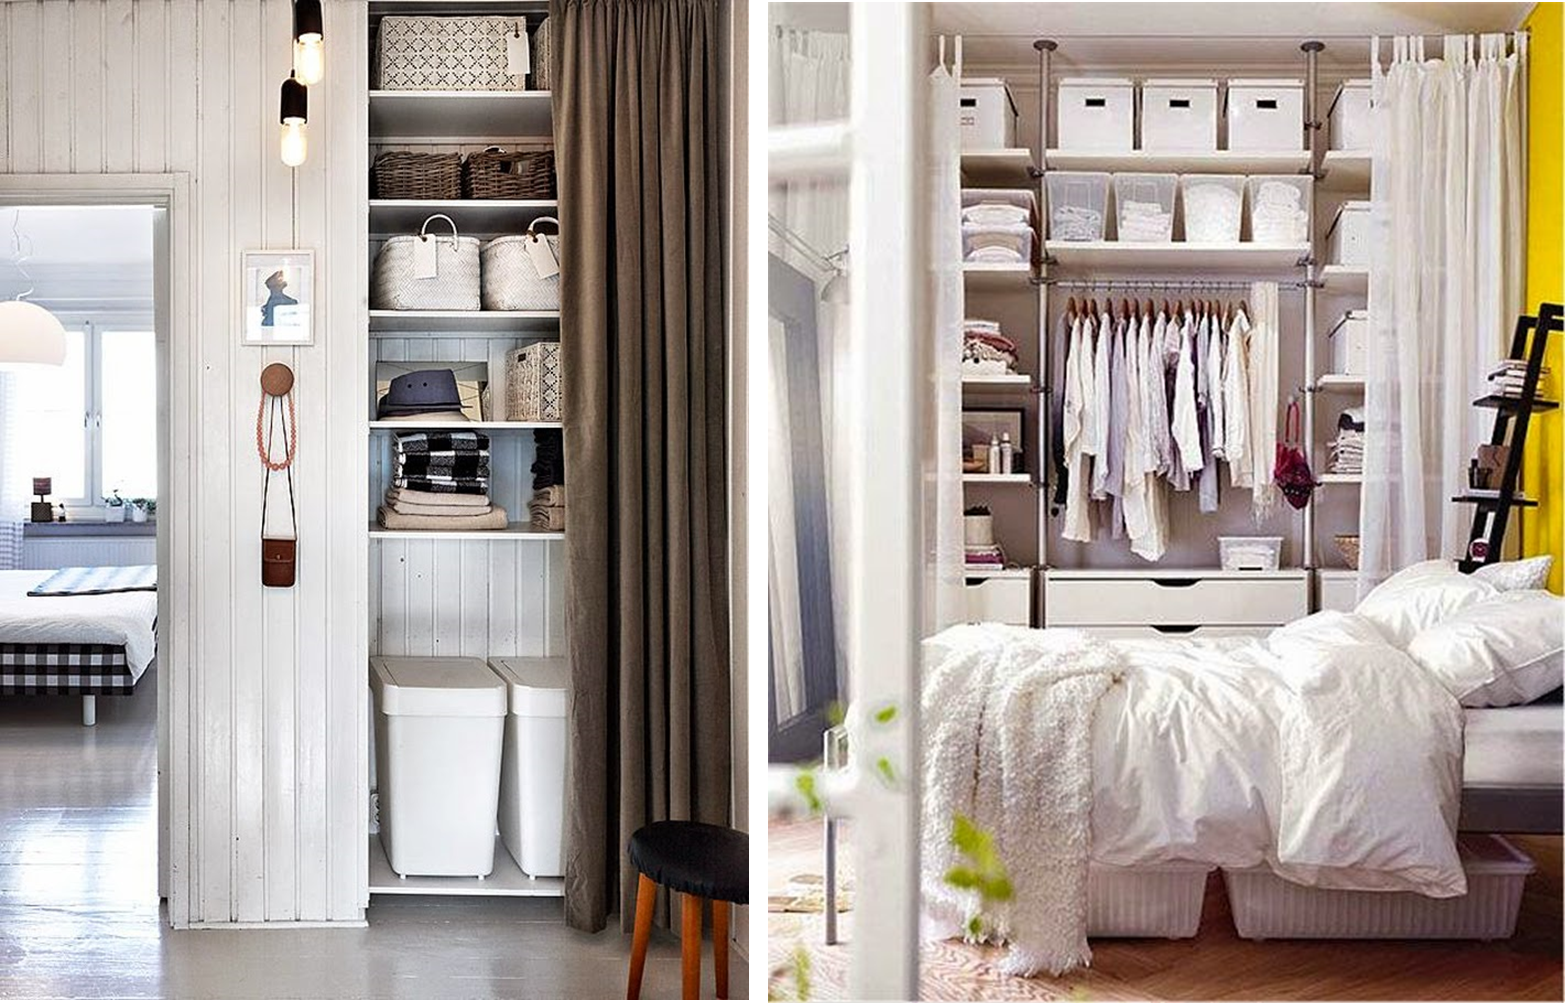 armarios lowcost con cortinas